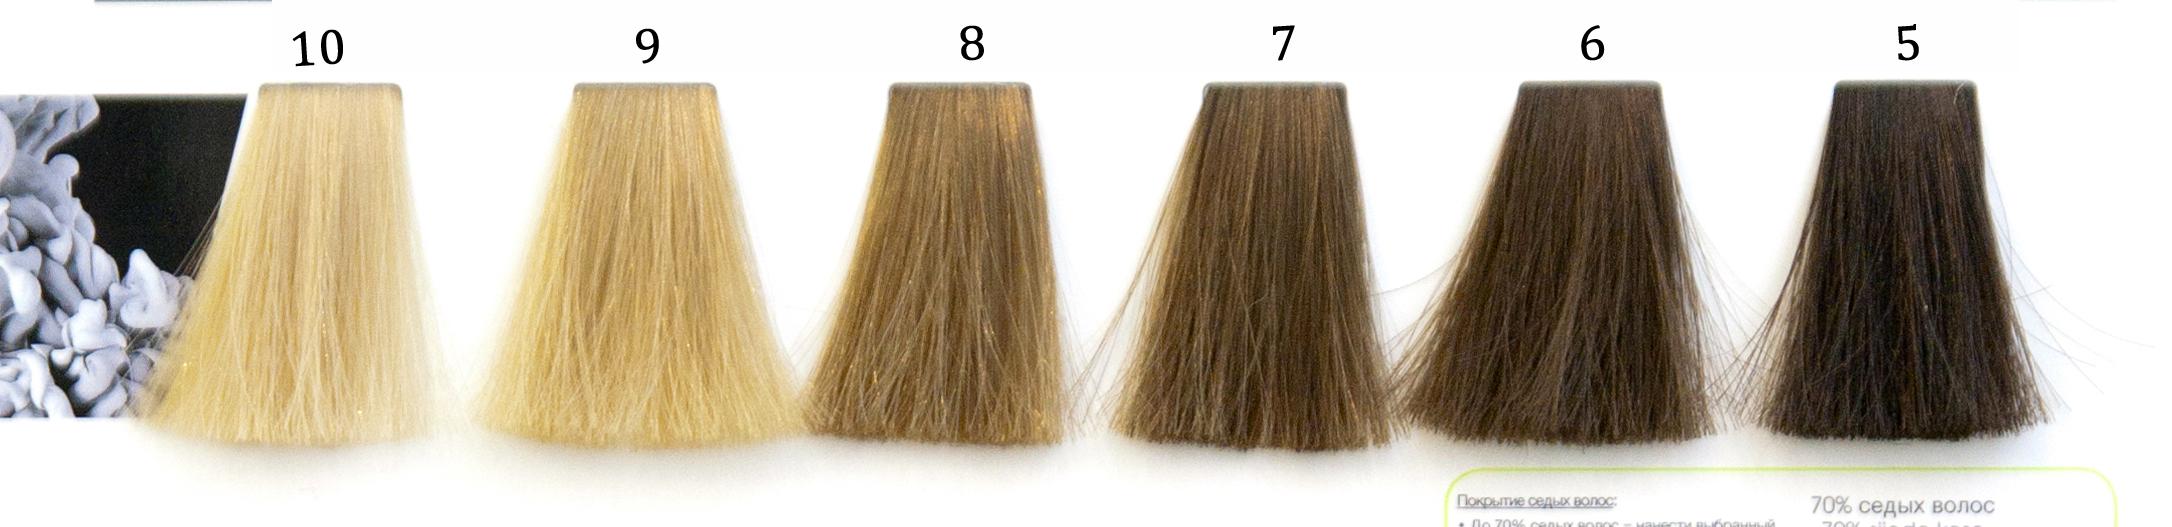 Чешется голова и выпадают волосы - что делать, как вернуть волосам. 10 распространенных причин, от которых чешется